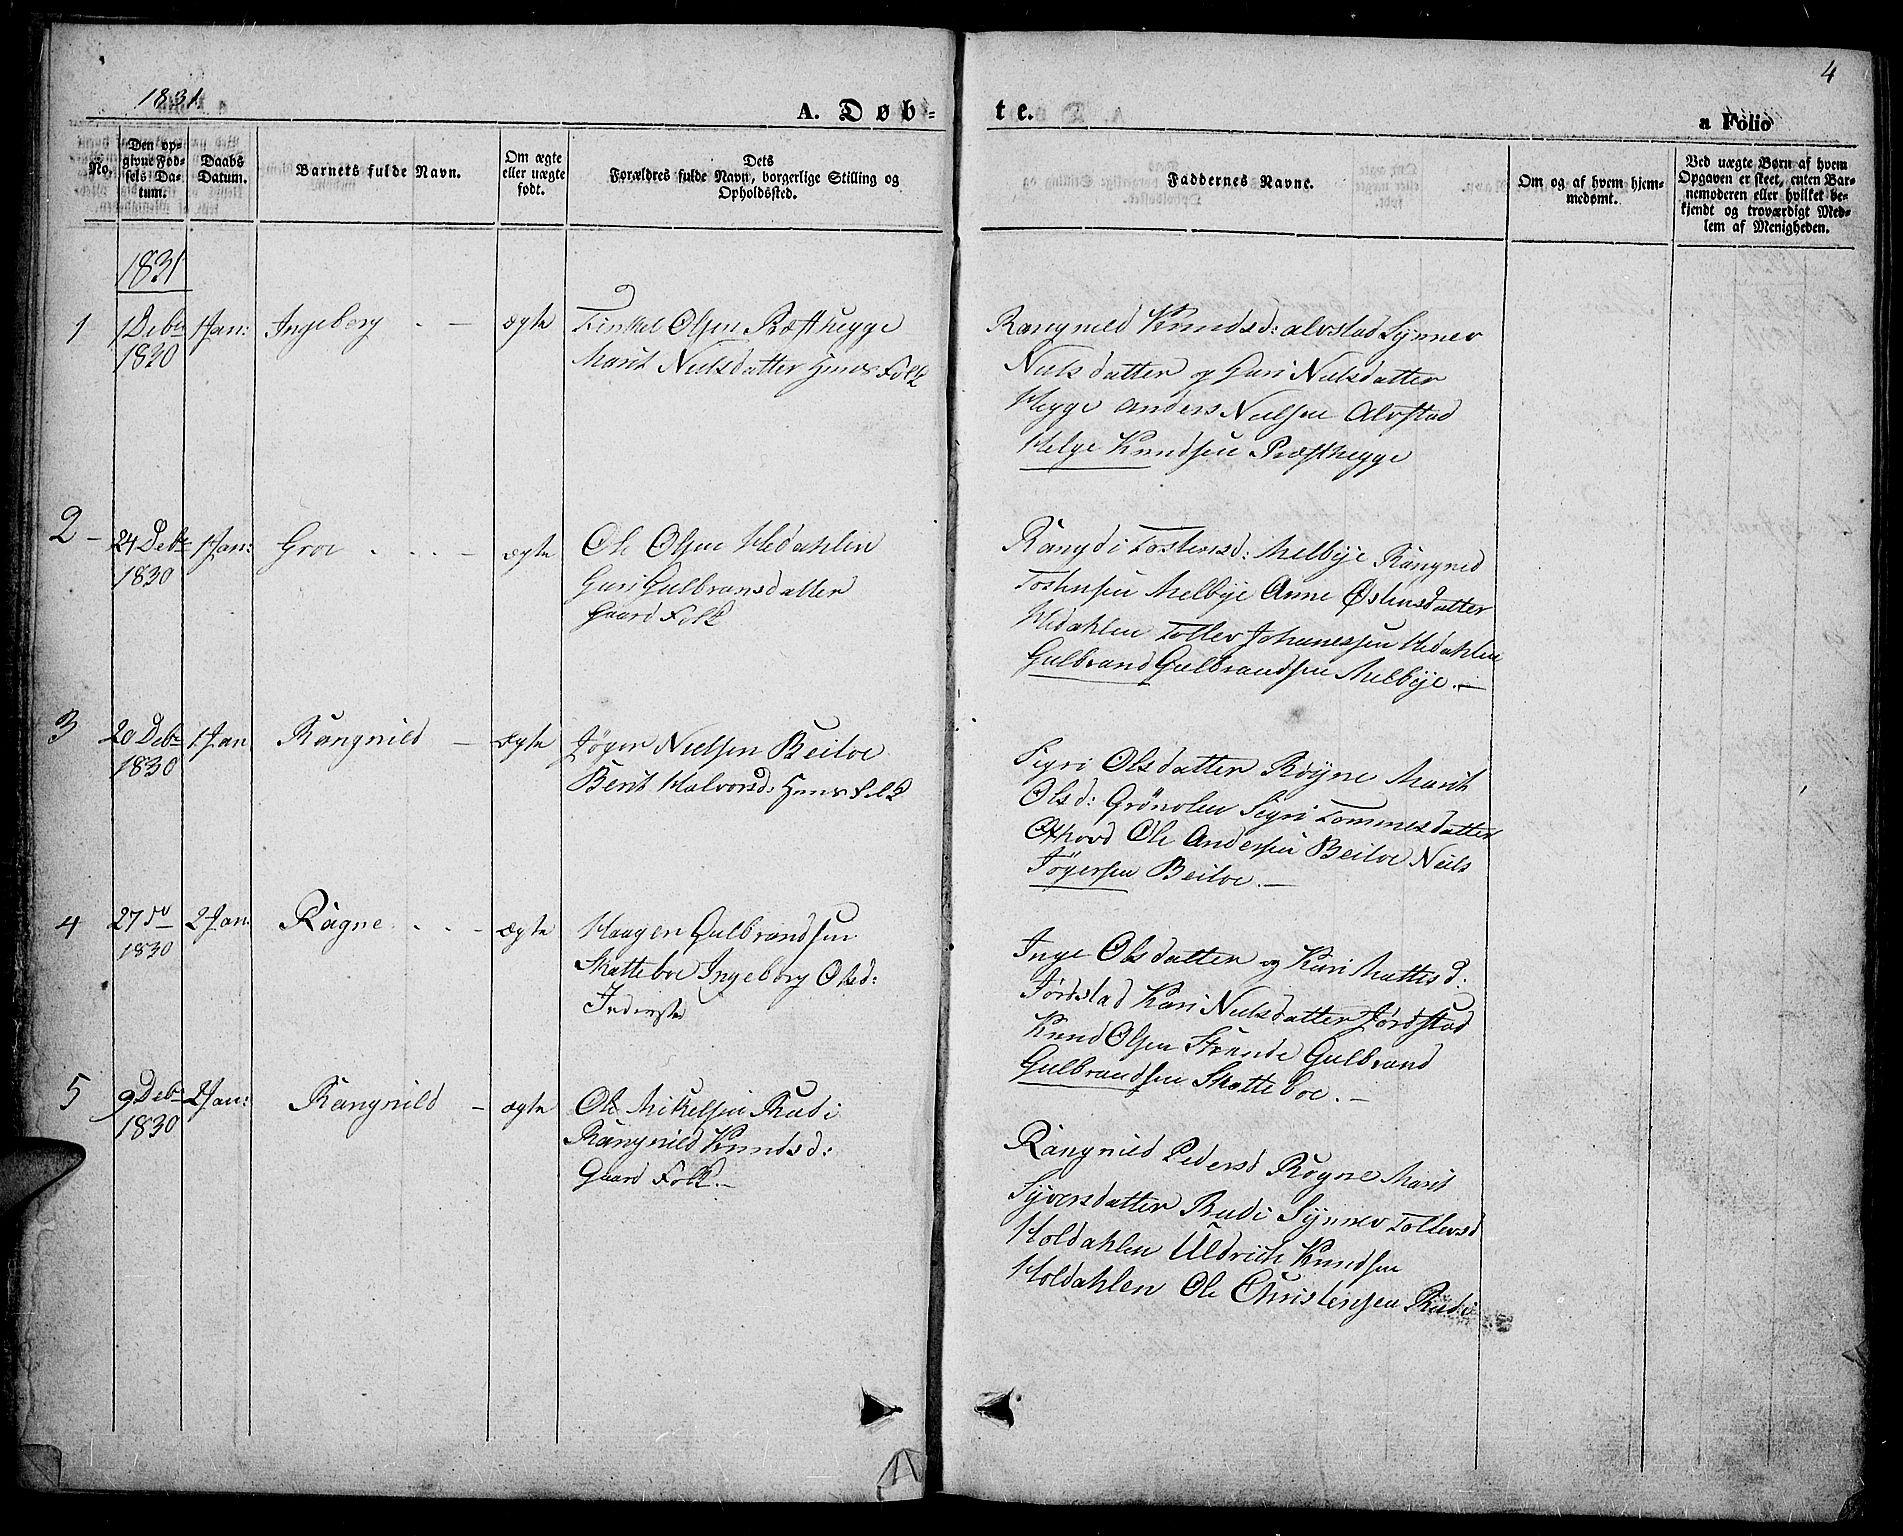 SAH, Slidre prestekontor, Ministerialbok nr. 4, 1831-1848, s. 4